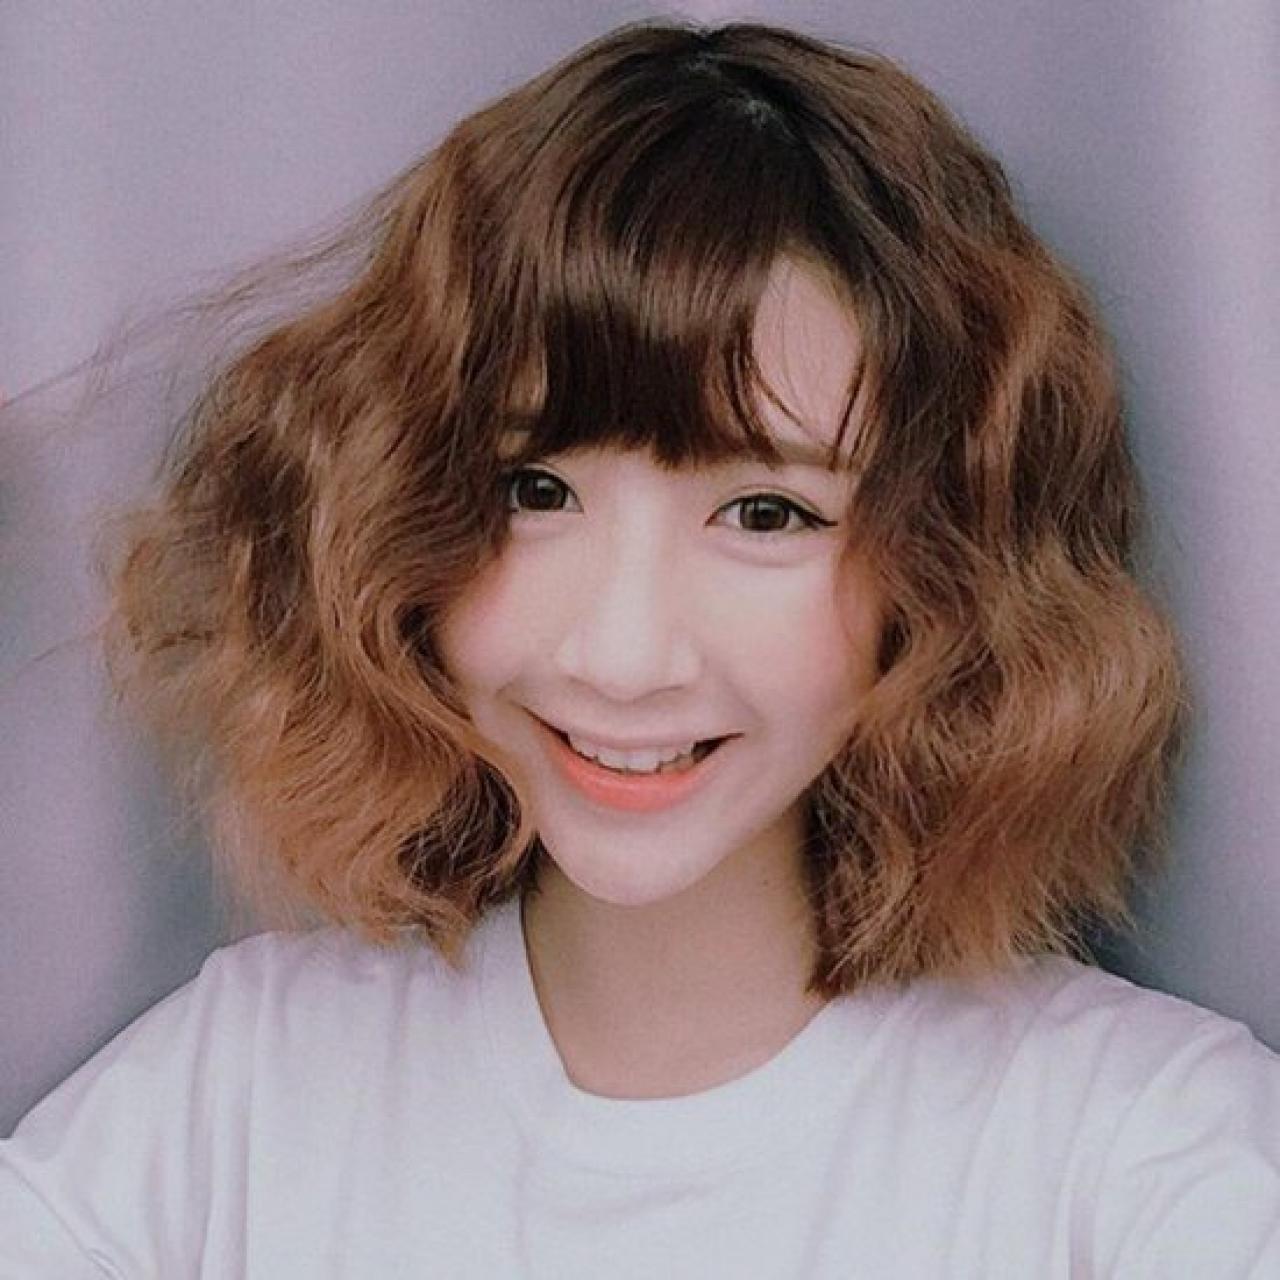 Kiểu tóc ngang vai mái thưa xoăn nhẹ